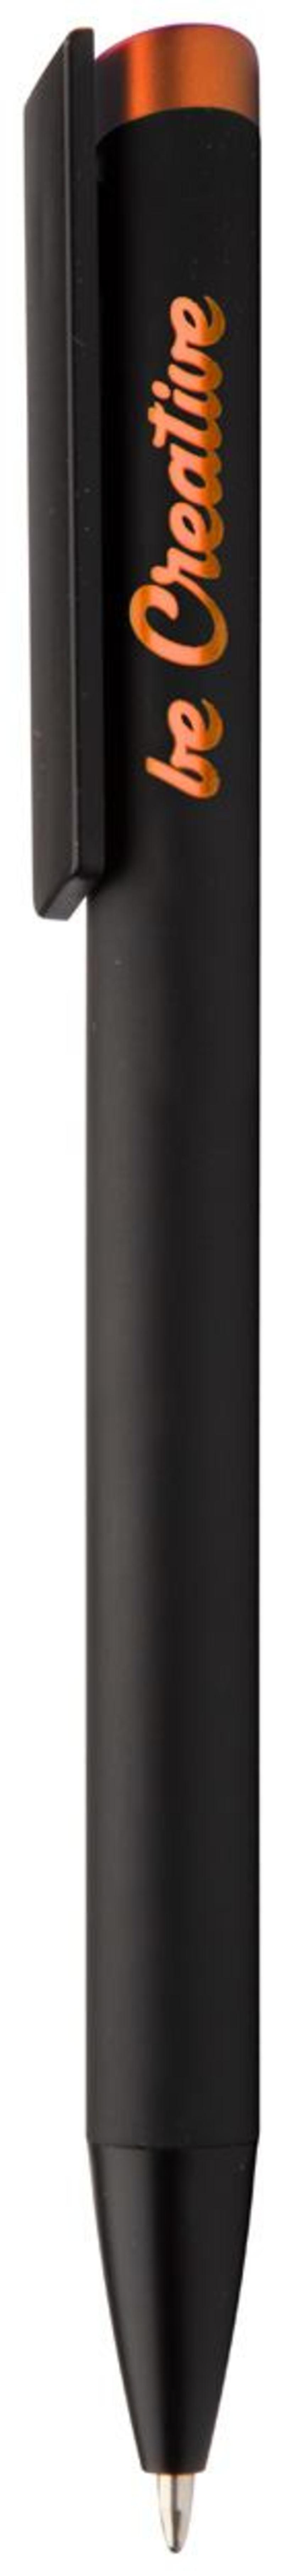 Cologram ballpoint pen